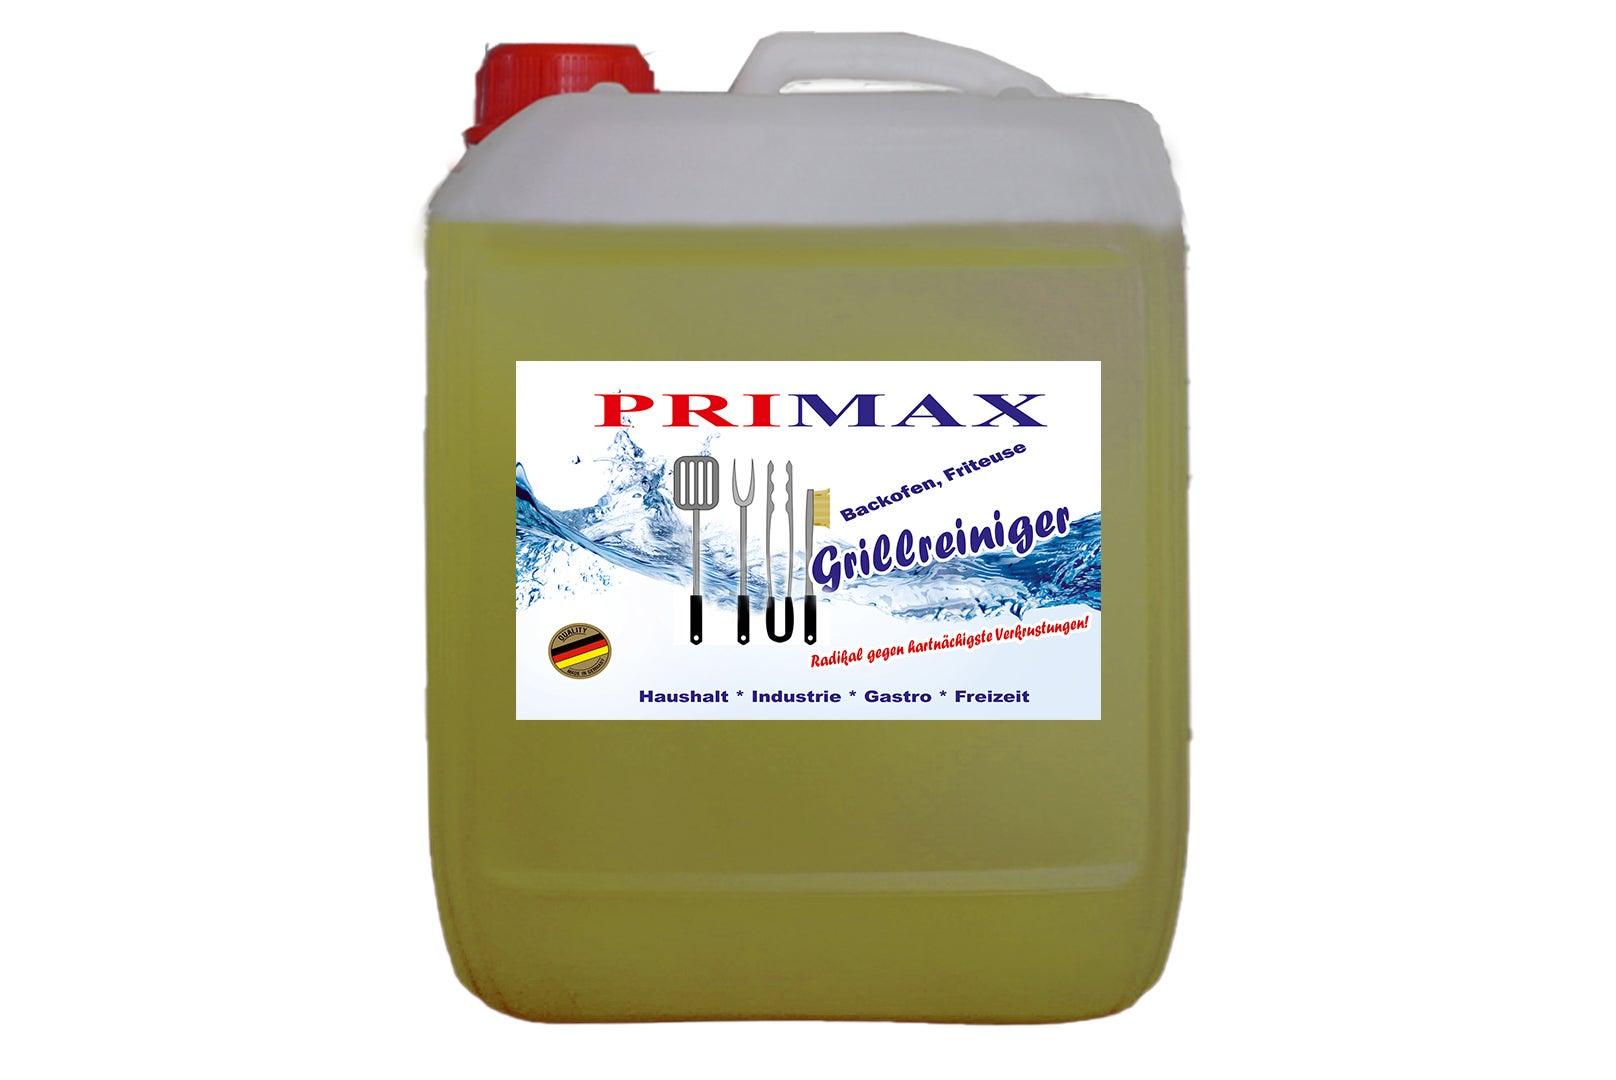 Primax Grillreiniger